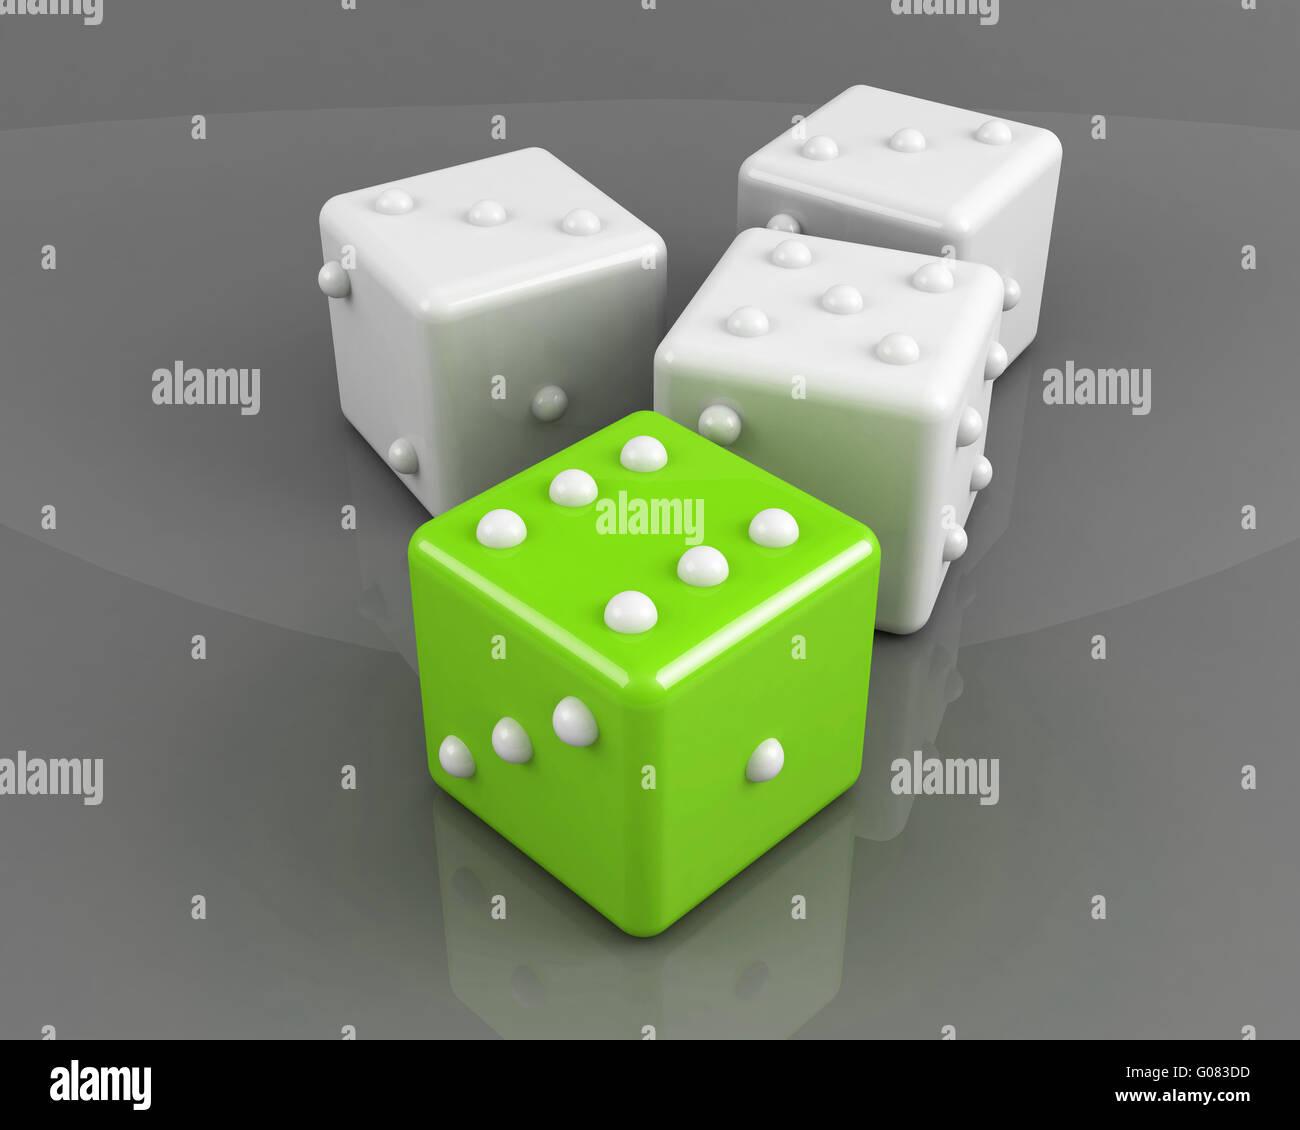 Green ganar dados sobre el concepto de fondo gris Imagen De Stock